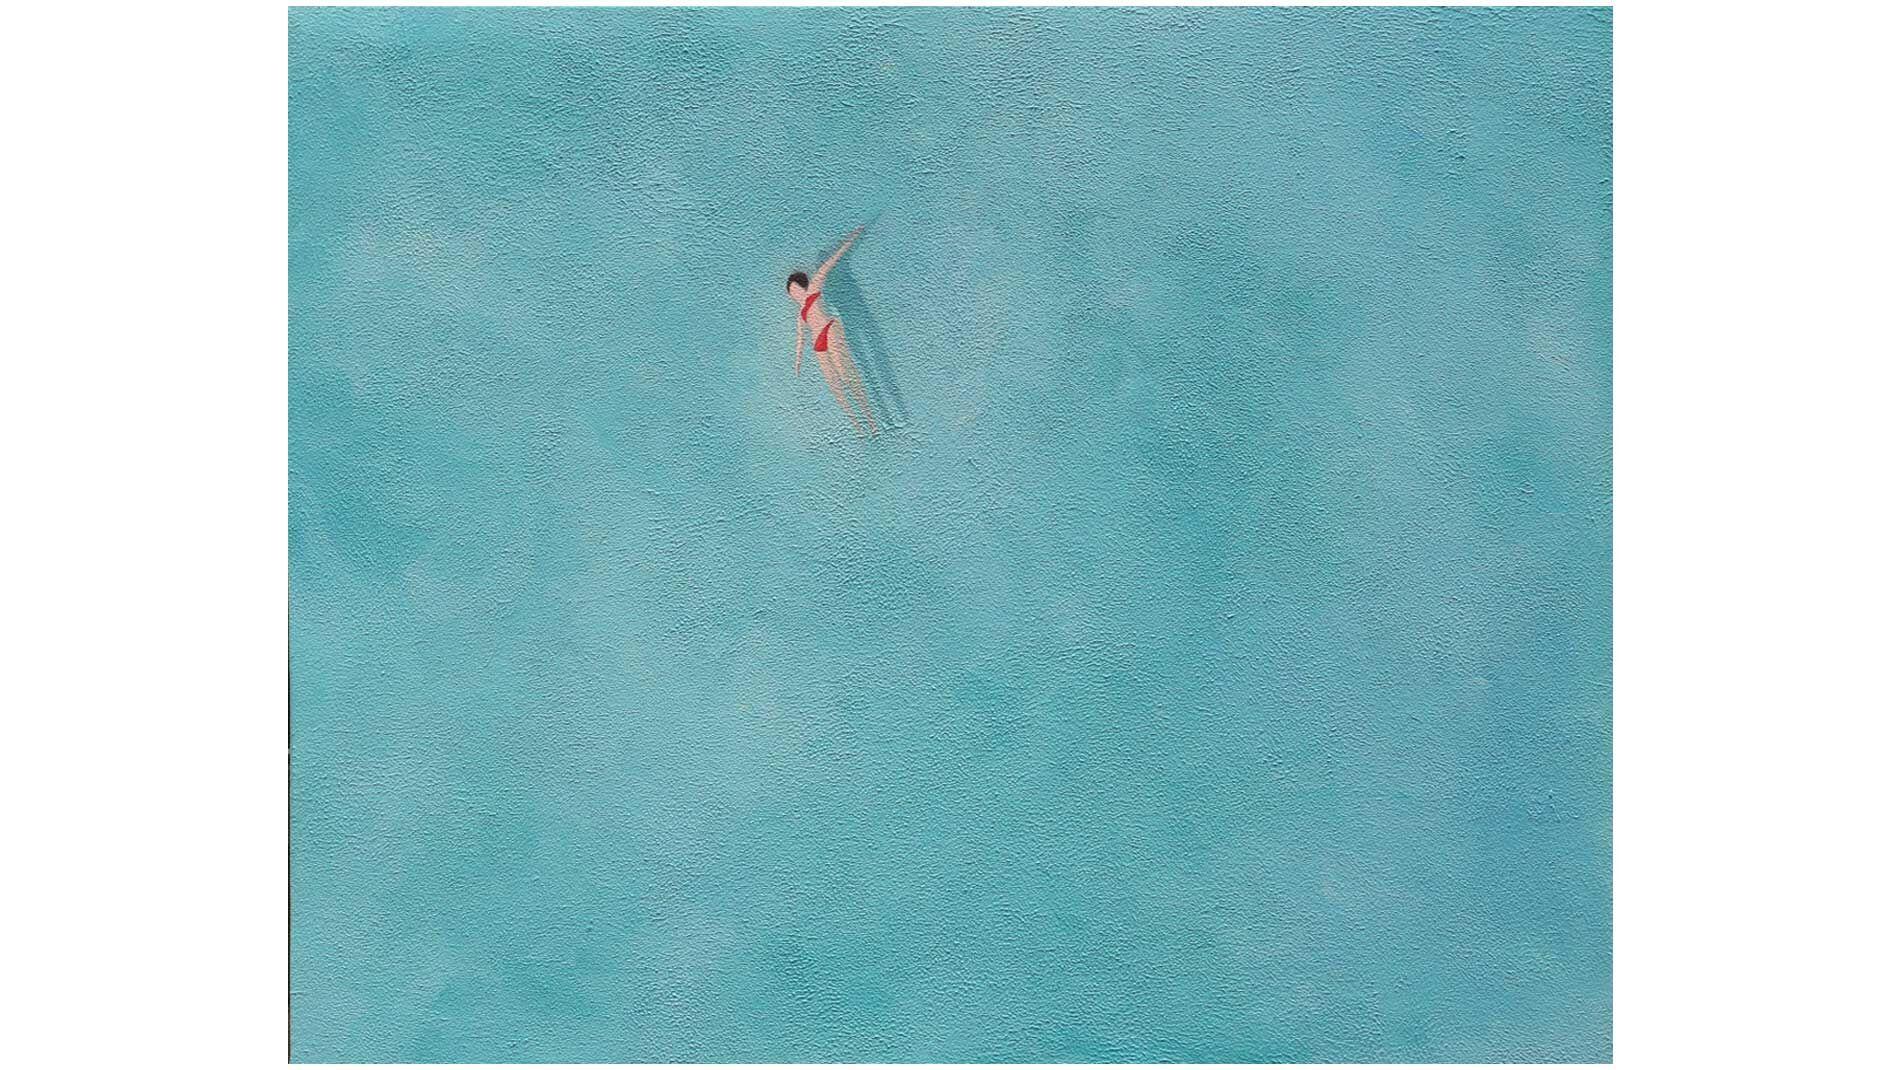 Картина на холсте тихое море